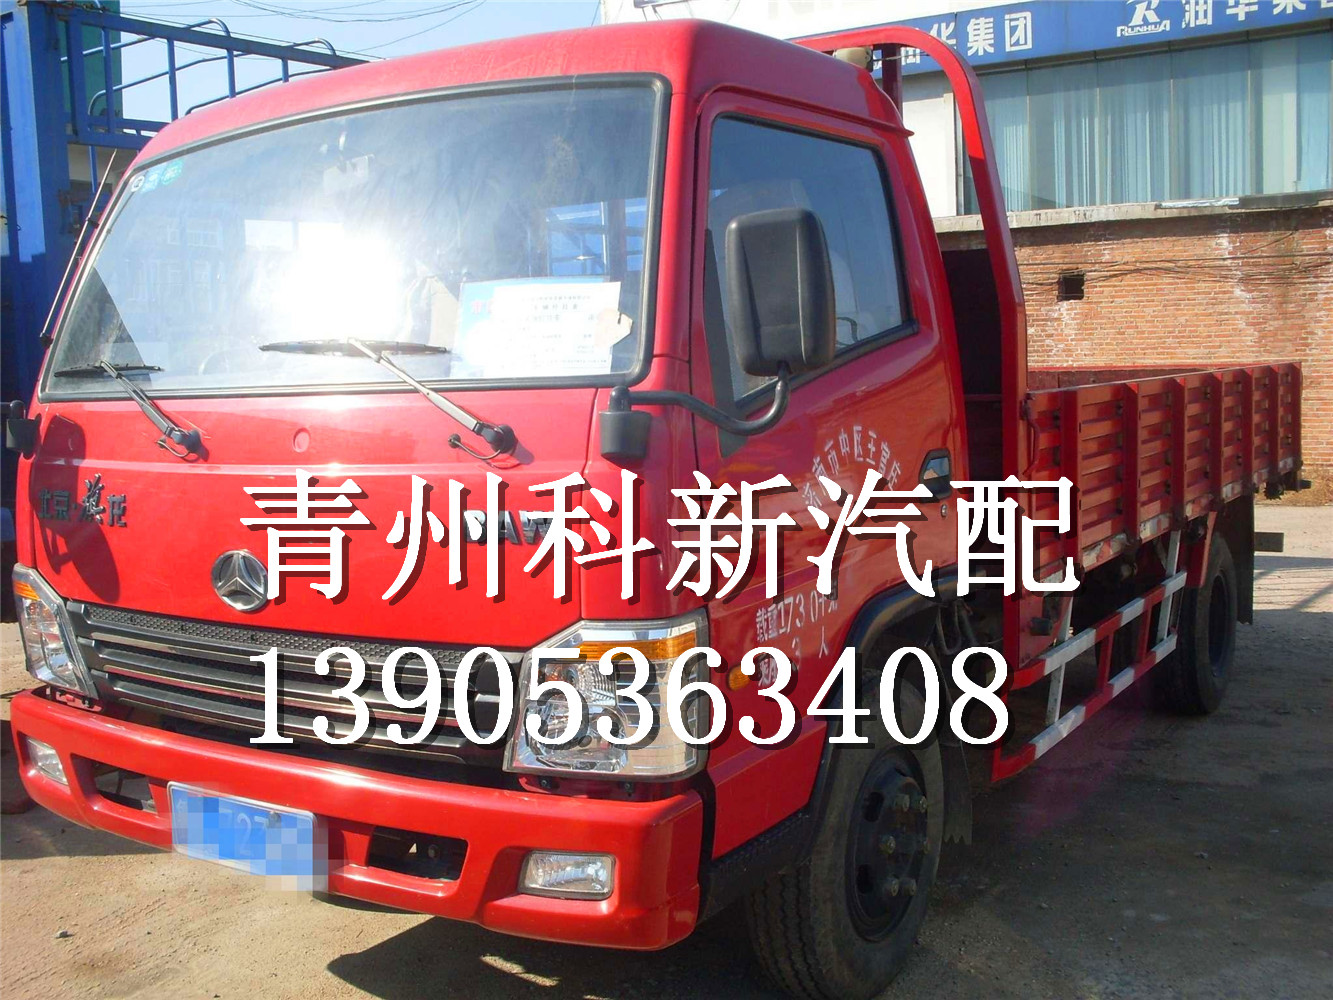 北京威龙汽车配件-供应潍坊划算的北京旗龙汽车配件